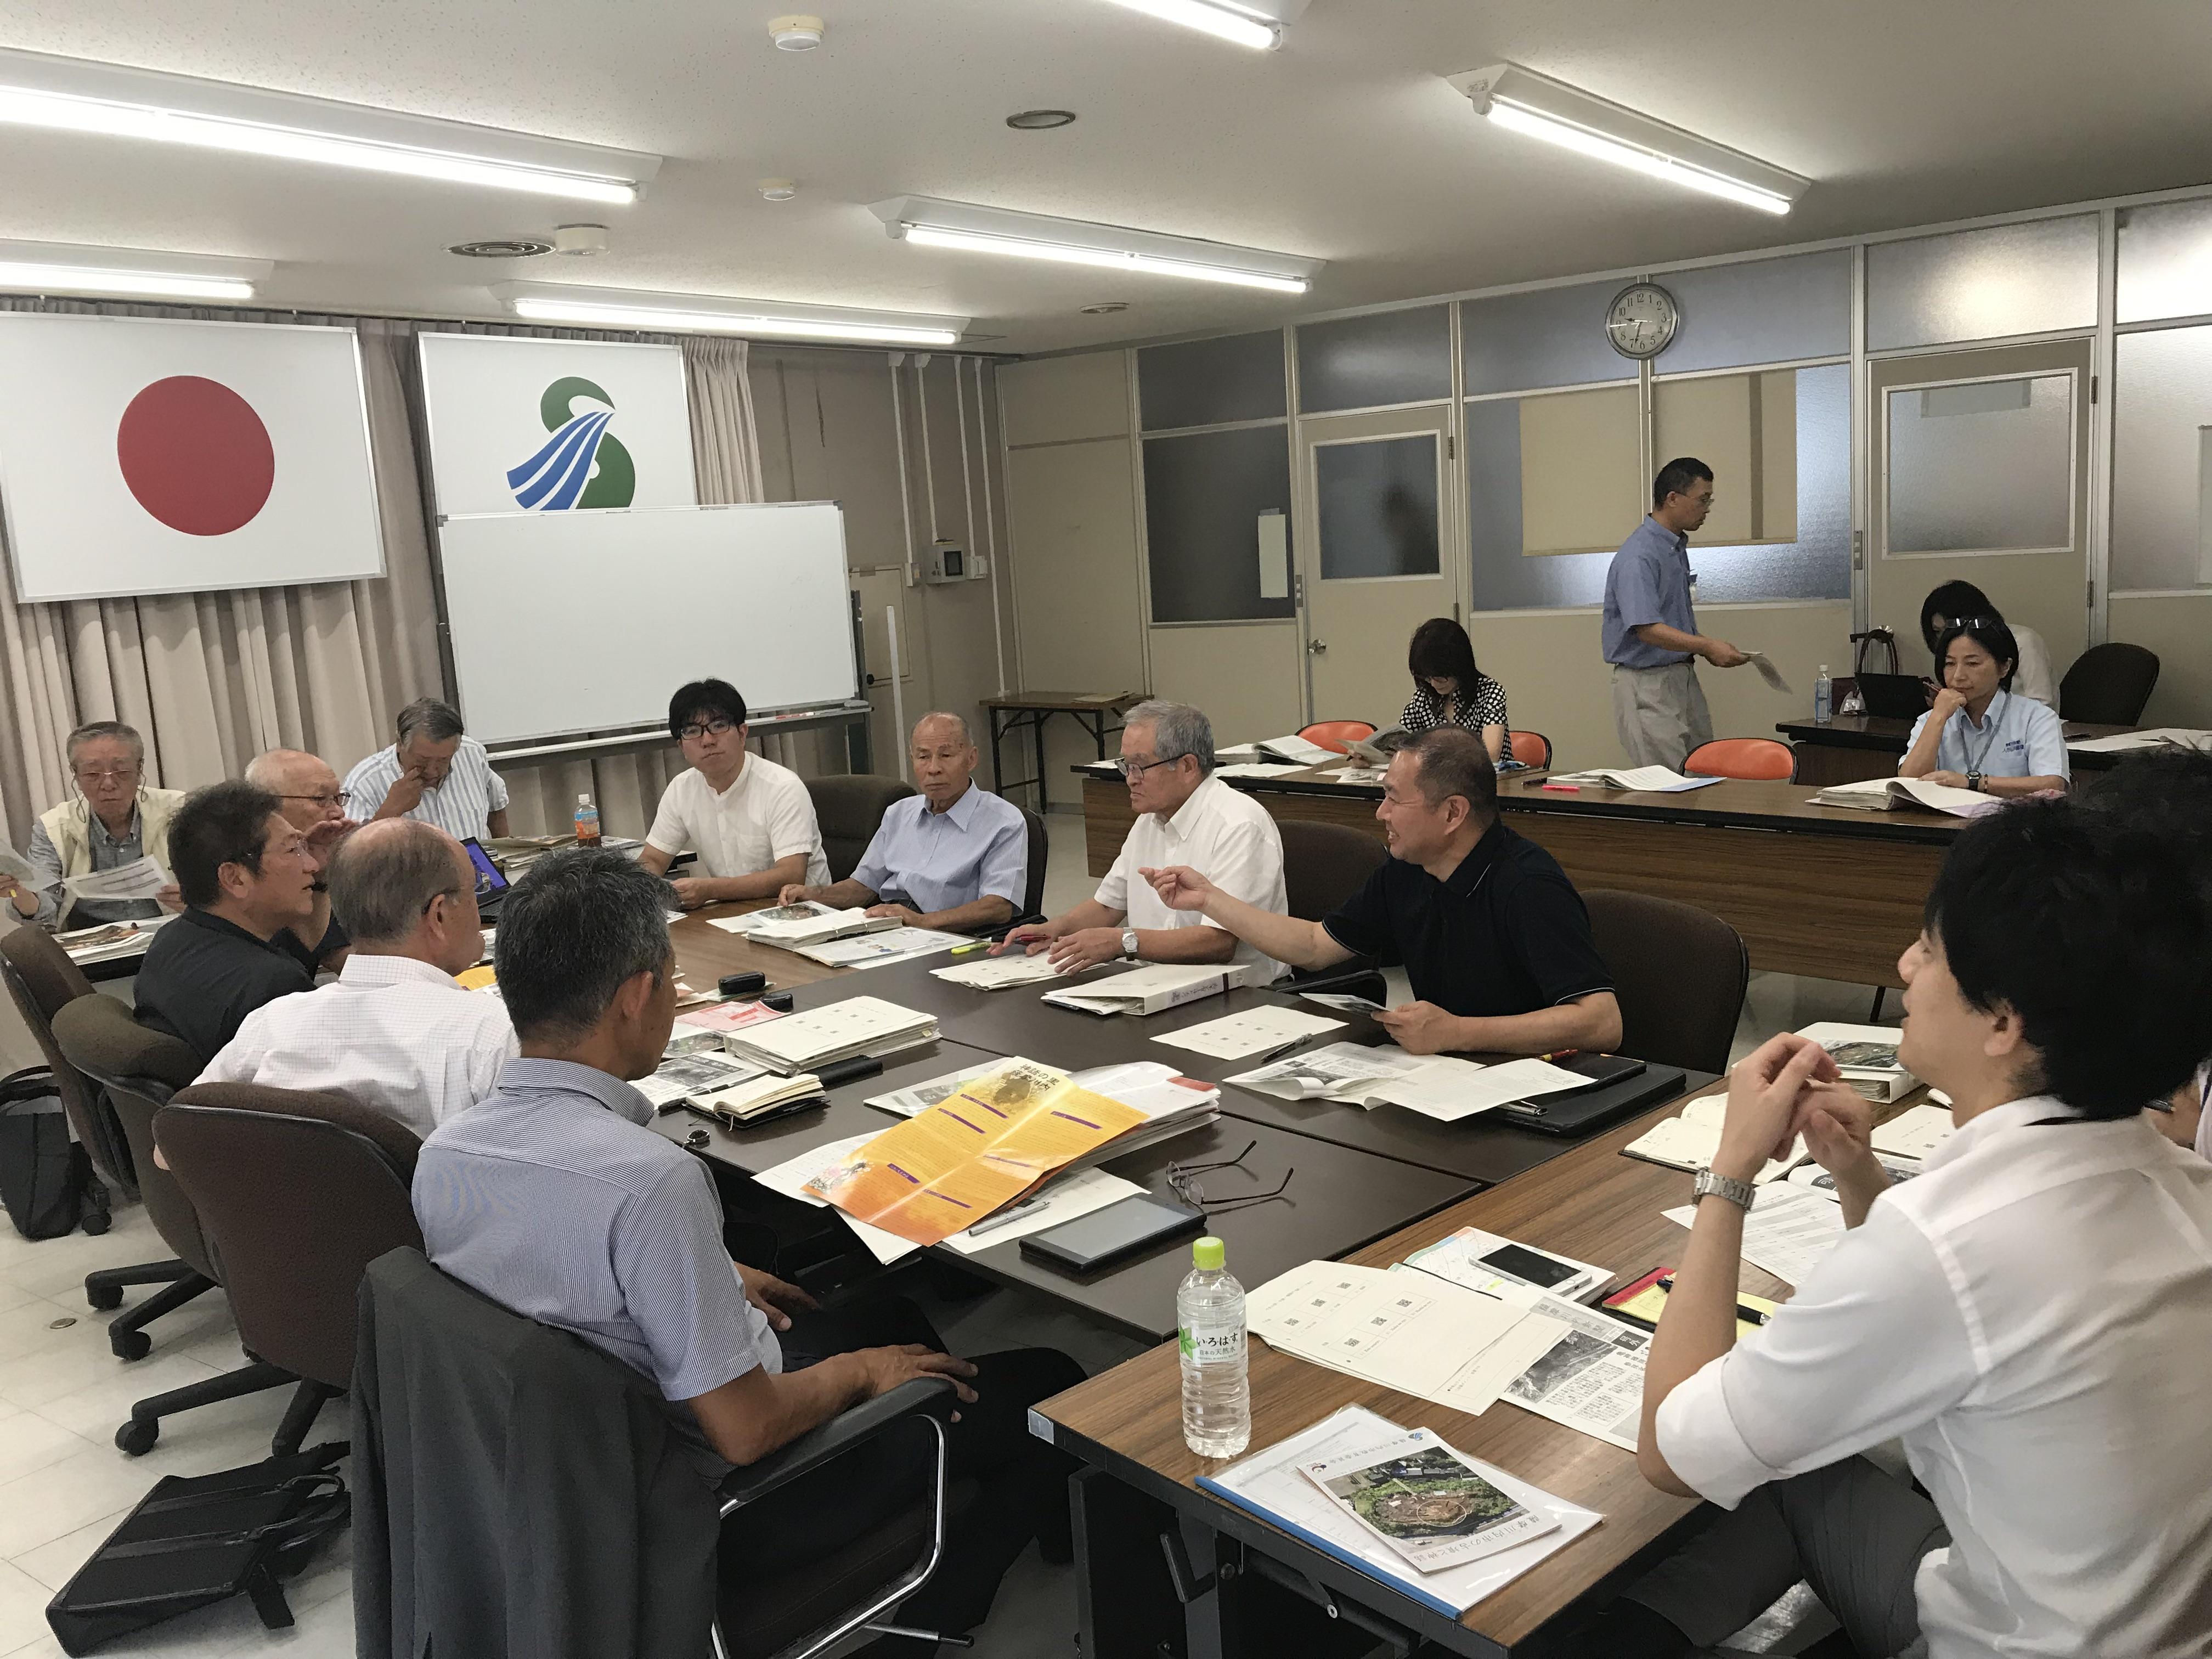 日本書紀編纂1300年記念事業学科 第18回講座のご案内